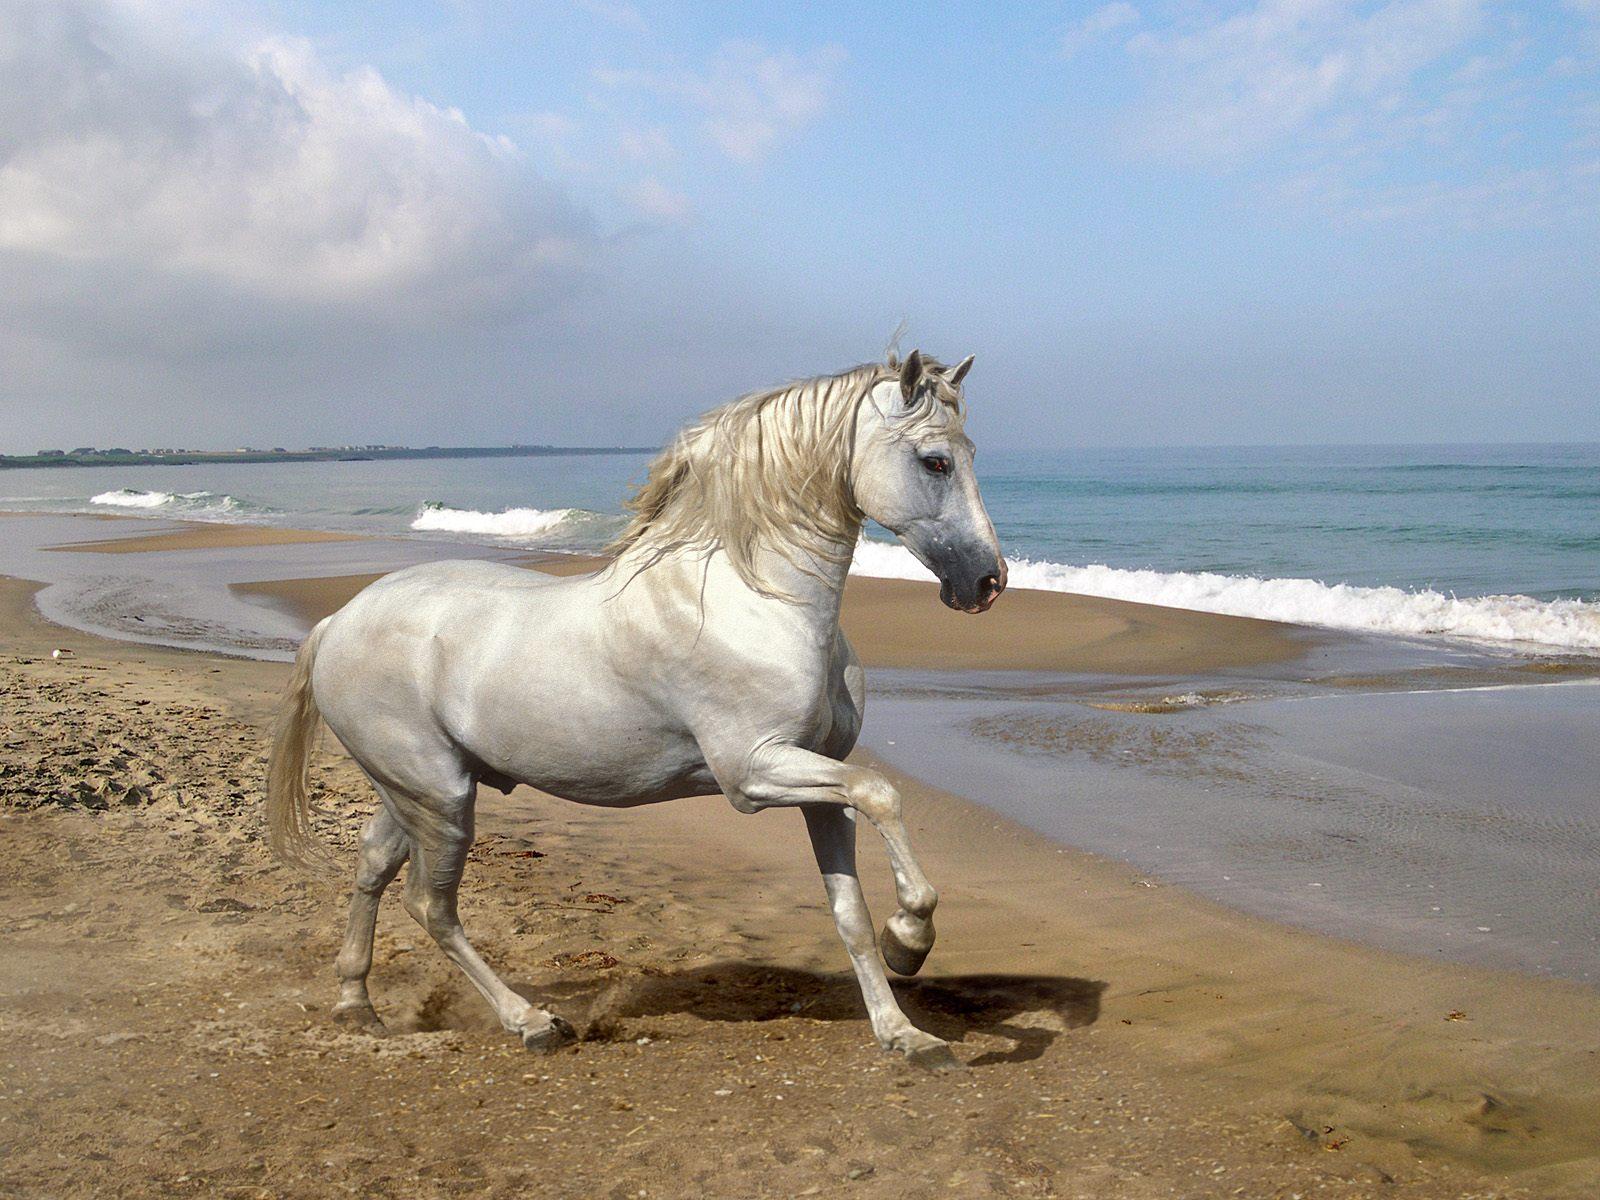 http://1.bp.blogspot.com/-zyJmQd71gb4/TDjESzRAauI/AAAAAAAAAEM/ny3DhSWeRtg/s1600/sfondo+cavallo+andaluso.jpg